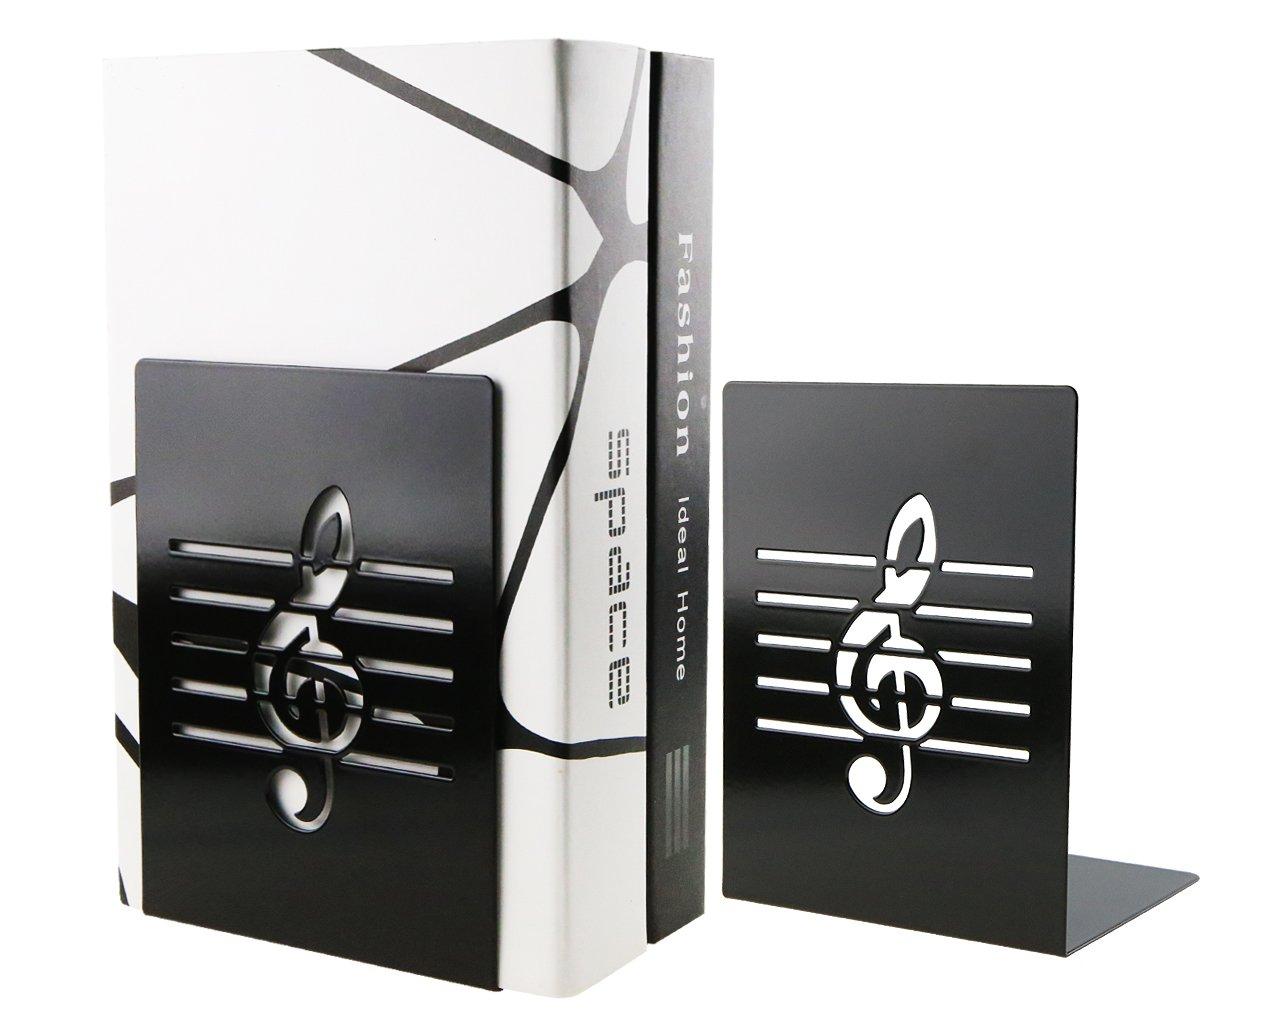 Une paire Noir Mode Creative Note de musique solide en métal support pour livre Serre-livres pour enfants amateurs de musique Décoration de bureau à domicile Dawa